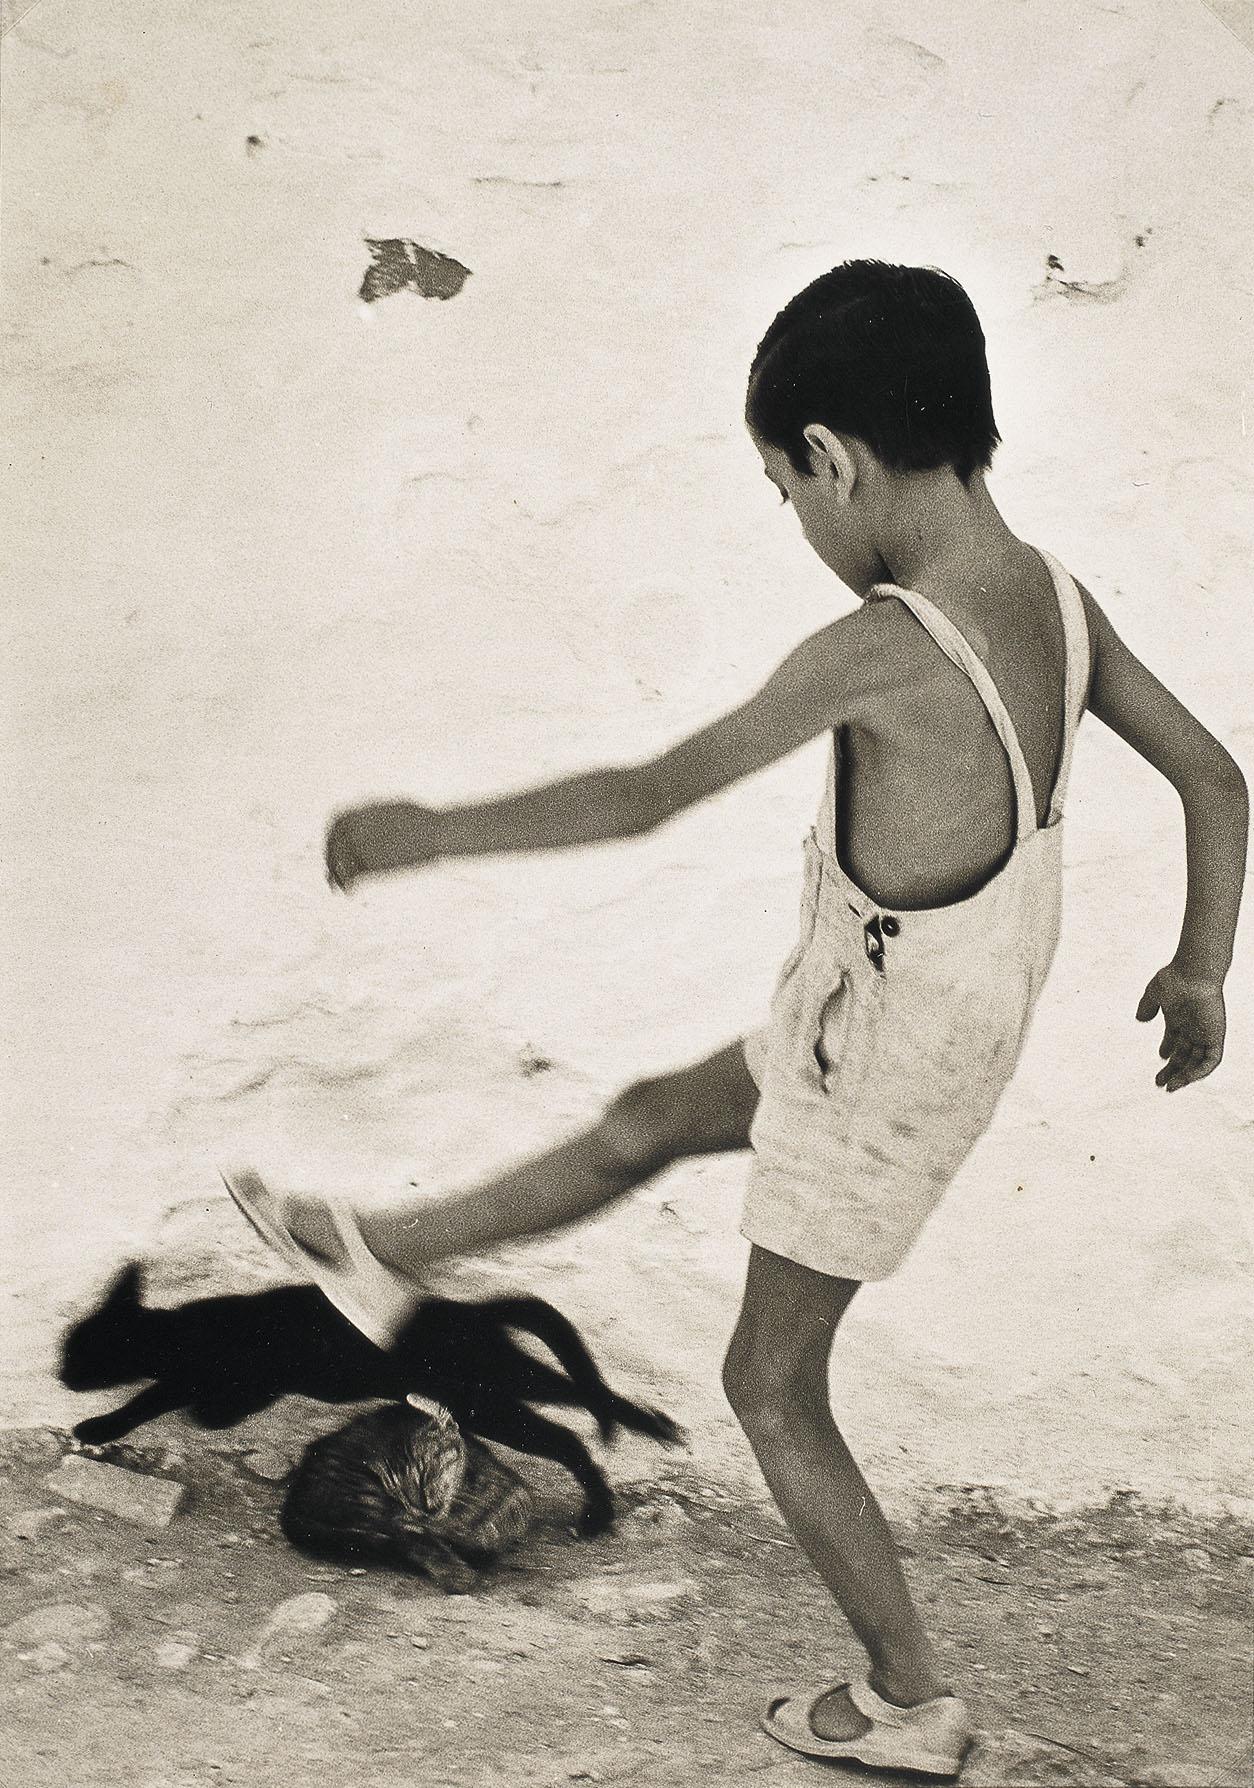 Oriol Maspons, Nen d'Eivissa, 1954